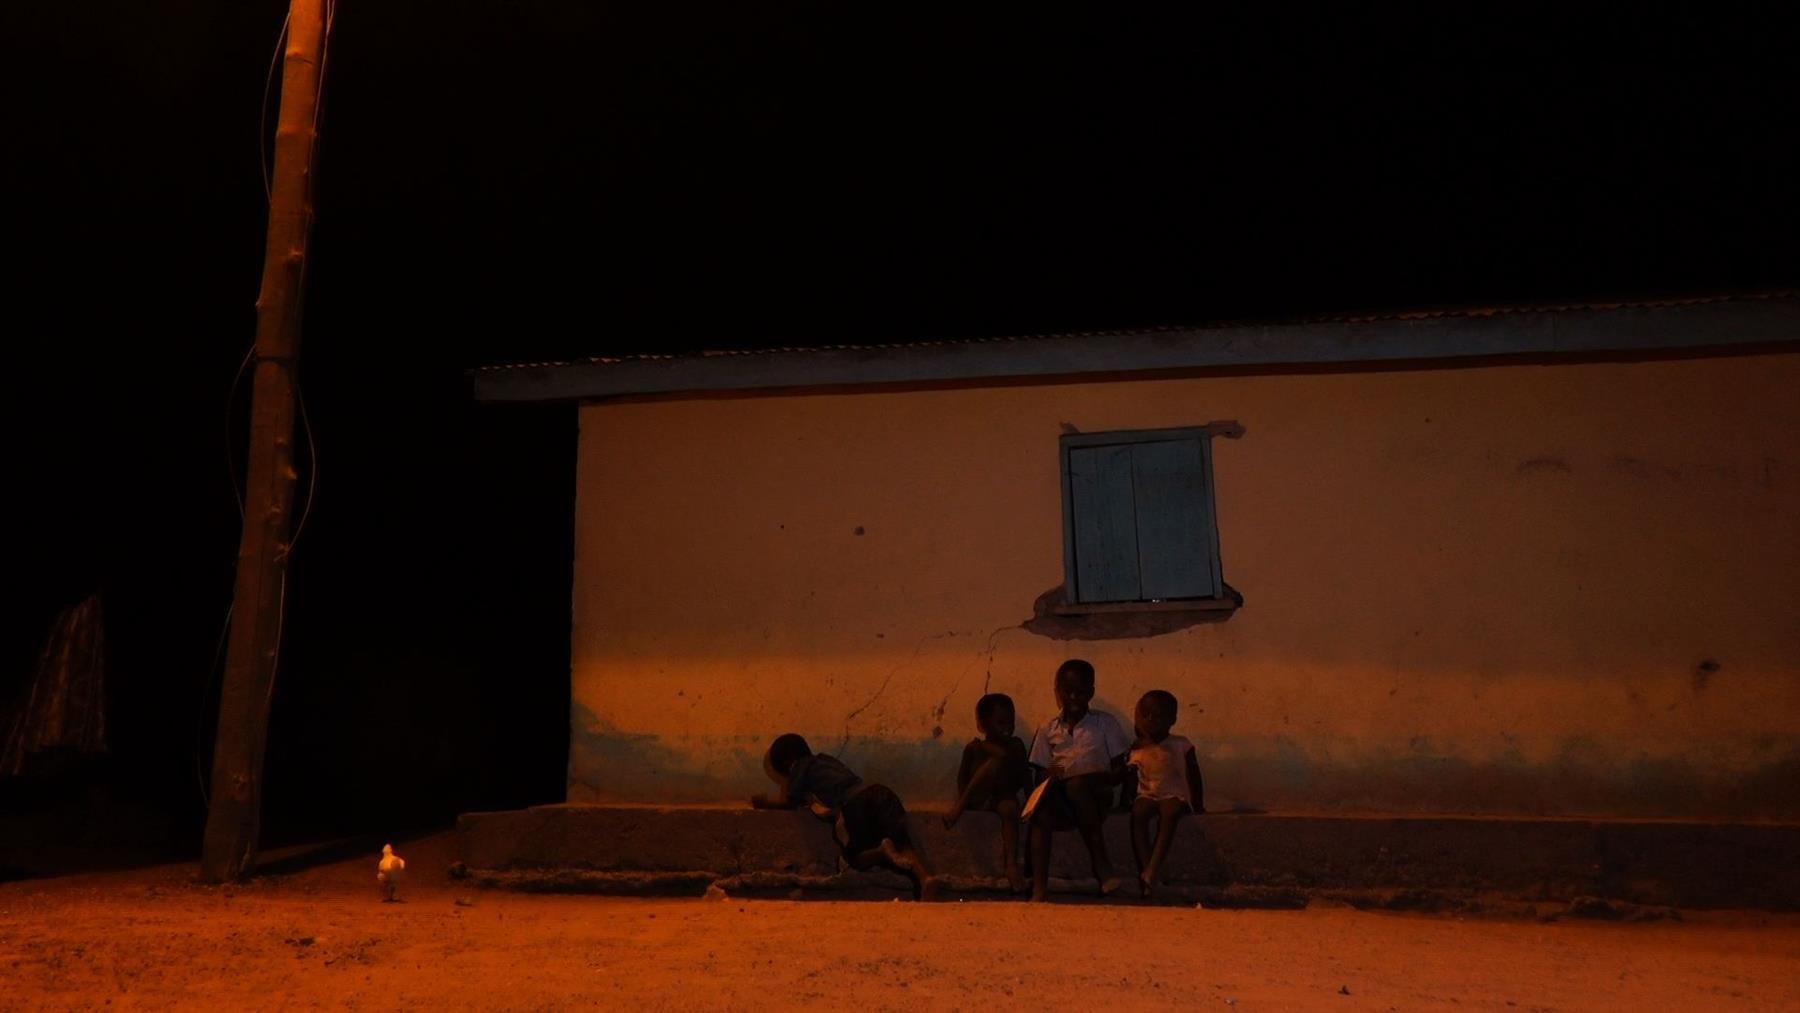 글로벌 프로젝트 나눔 [가나, 소년 가장과 배고파서 학교 가기 싫은 동생]